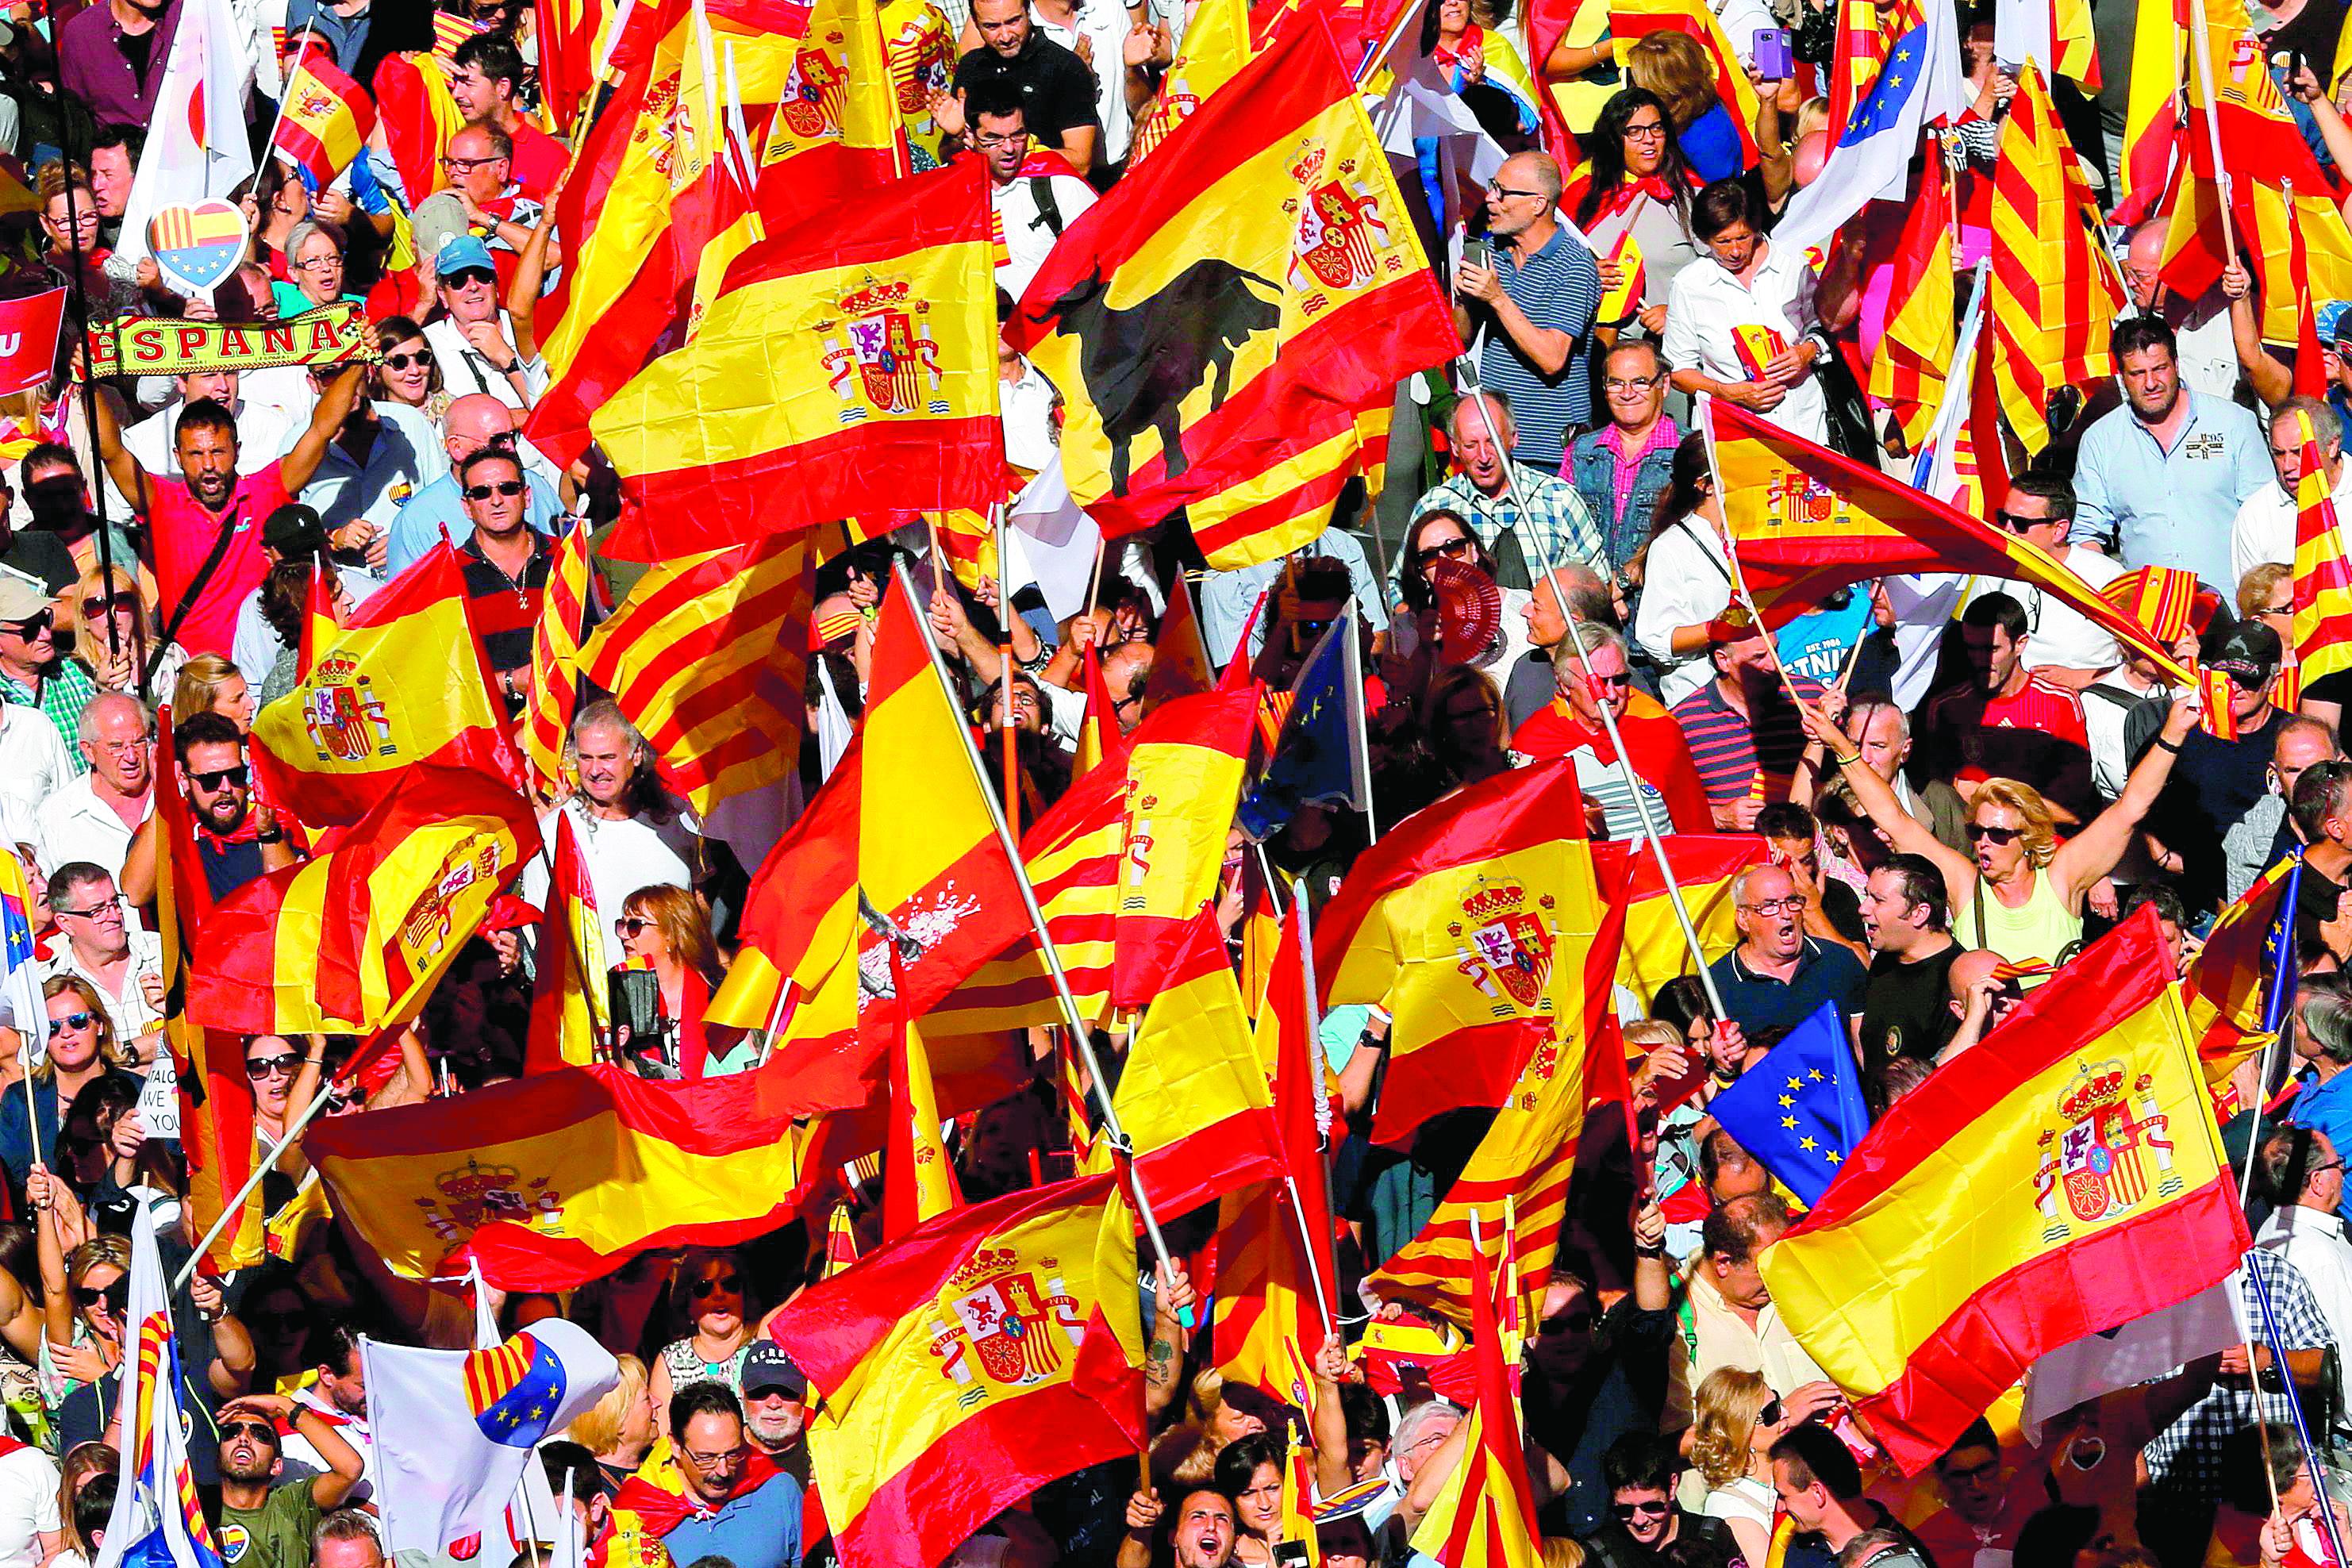 Catalunha. Espanholistas invadem as ruas de Barcelona